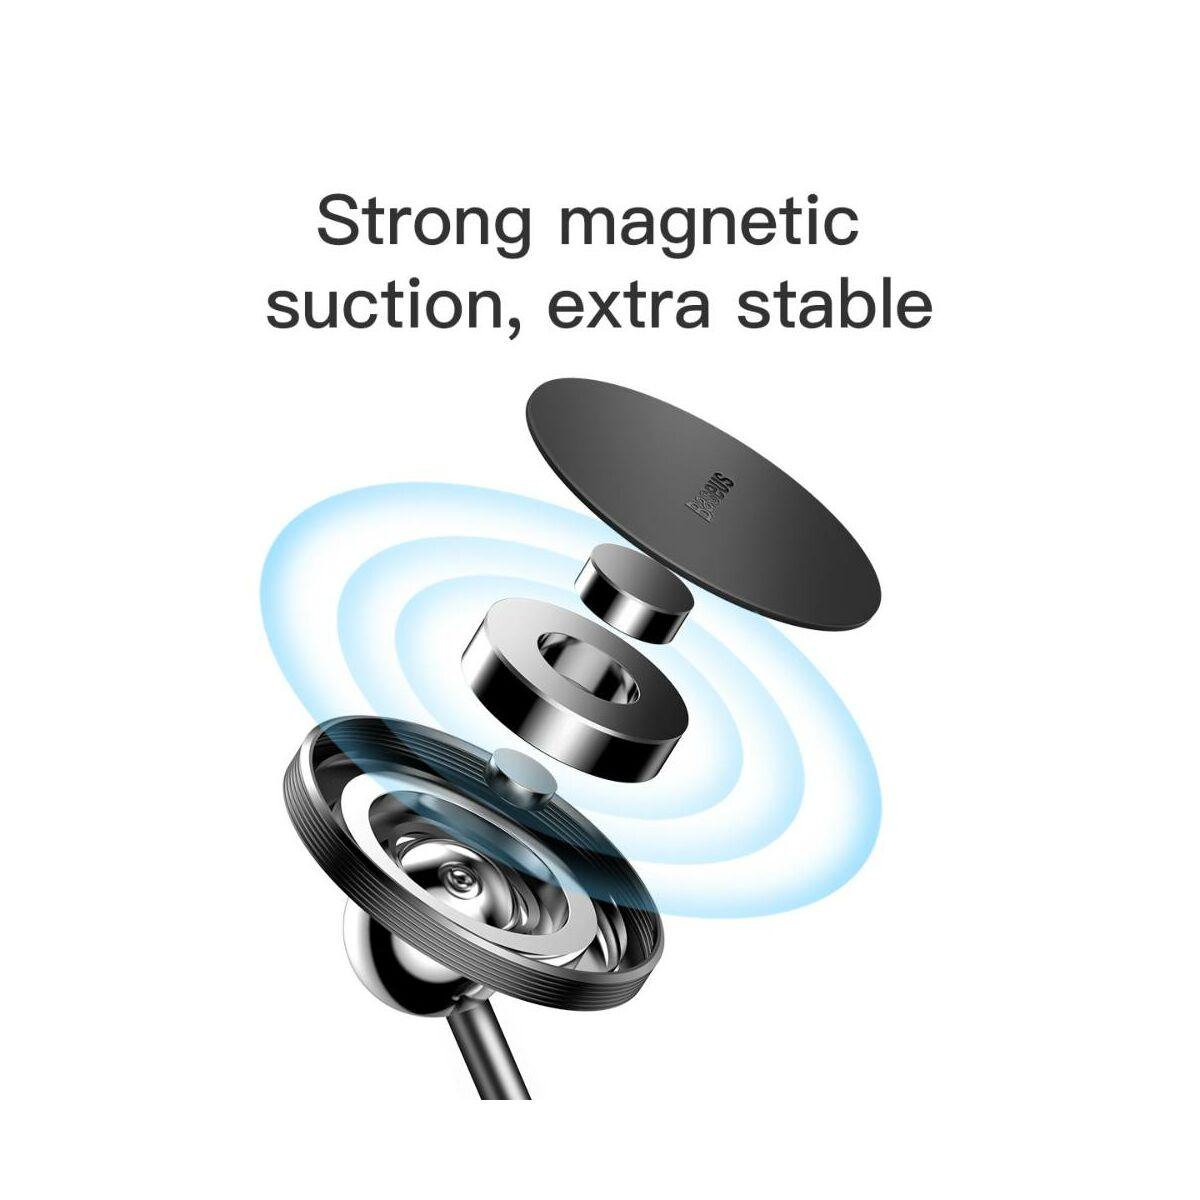 Baseus autós telefon tartó, Little Sun mágneses, műszerfalra ragasztható, fekete (SUTY-01)